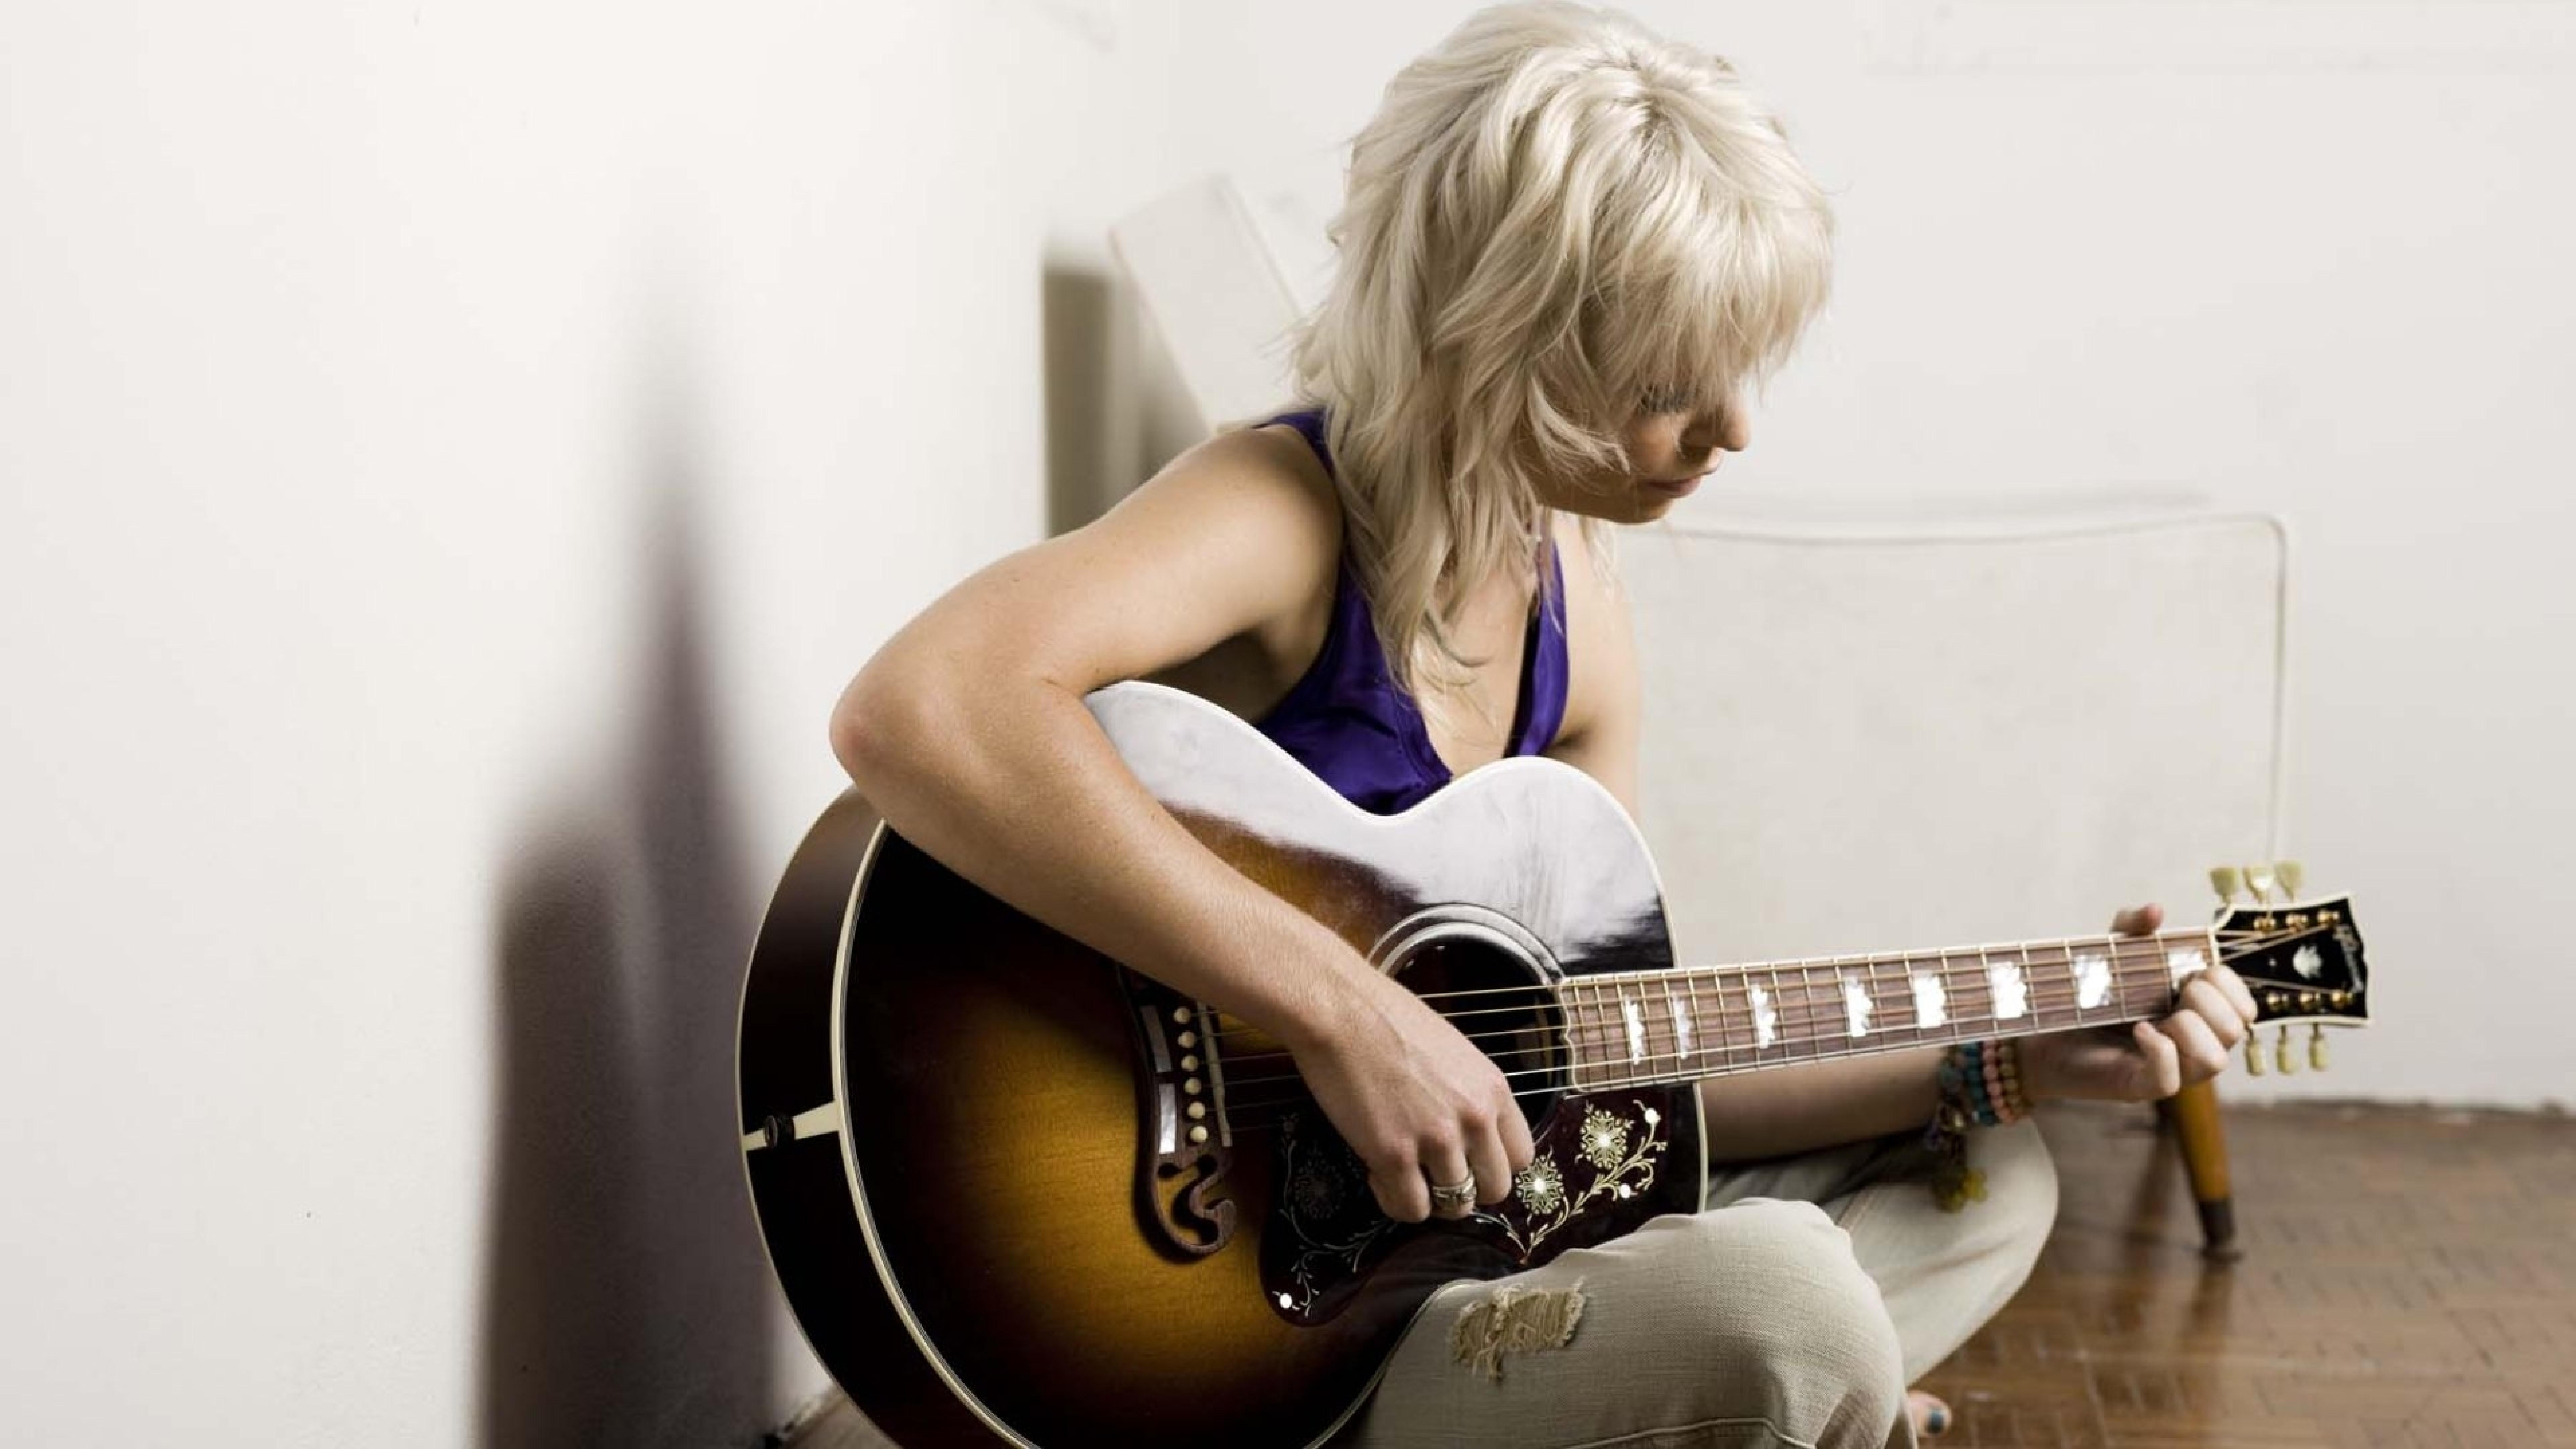 девушки гитара улыбка  № 465437 бесплатно